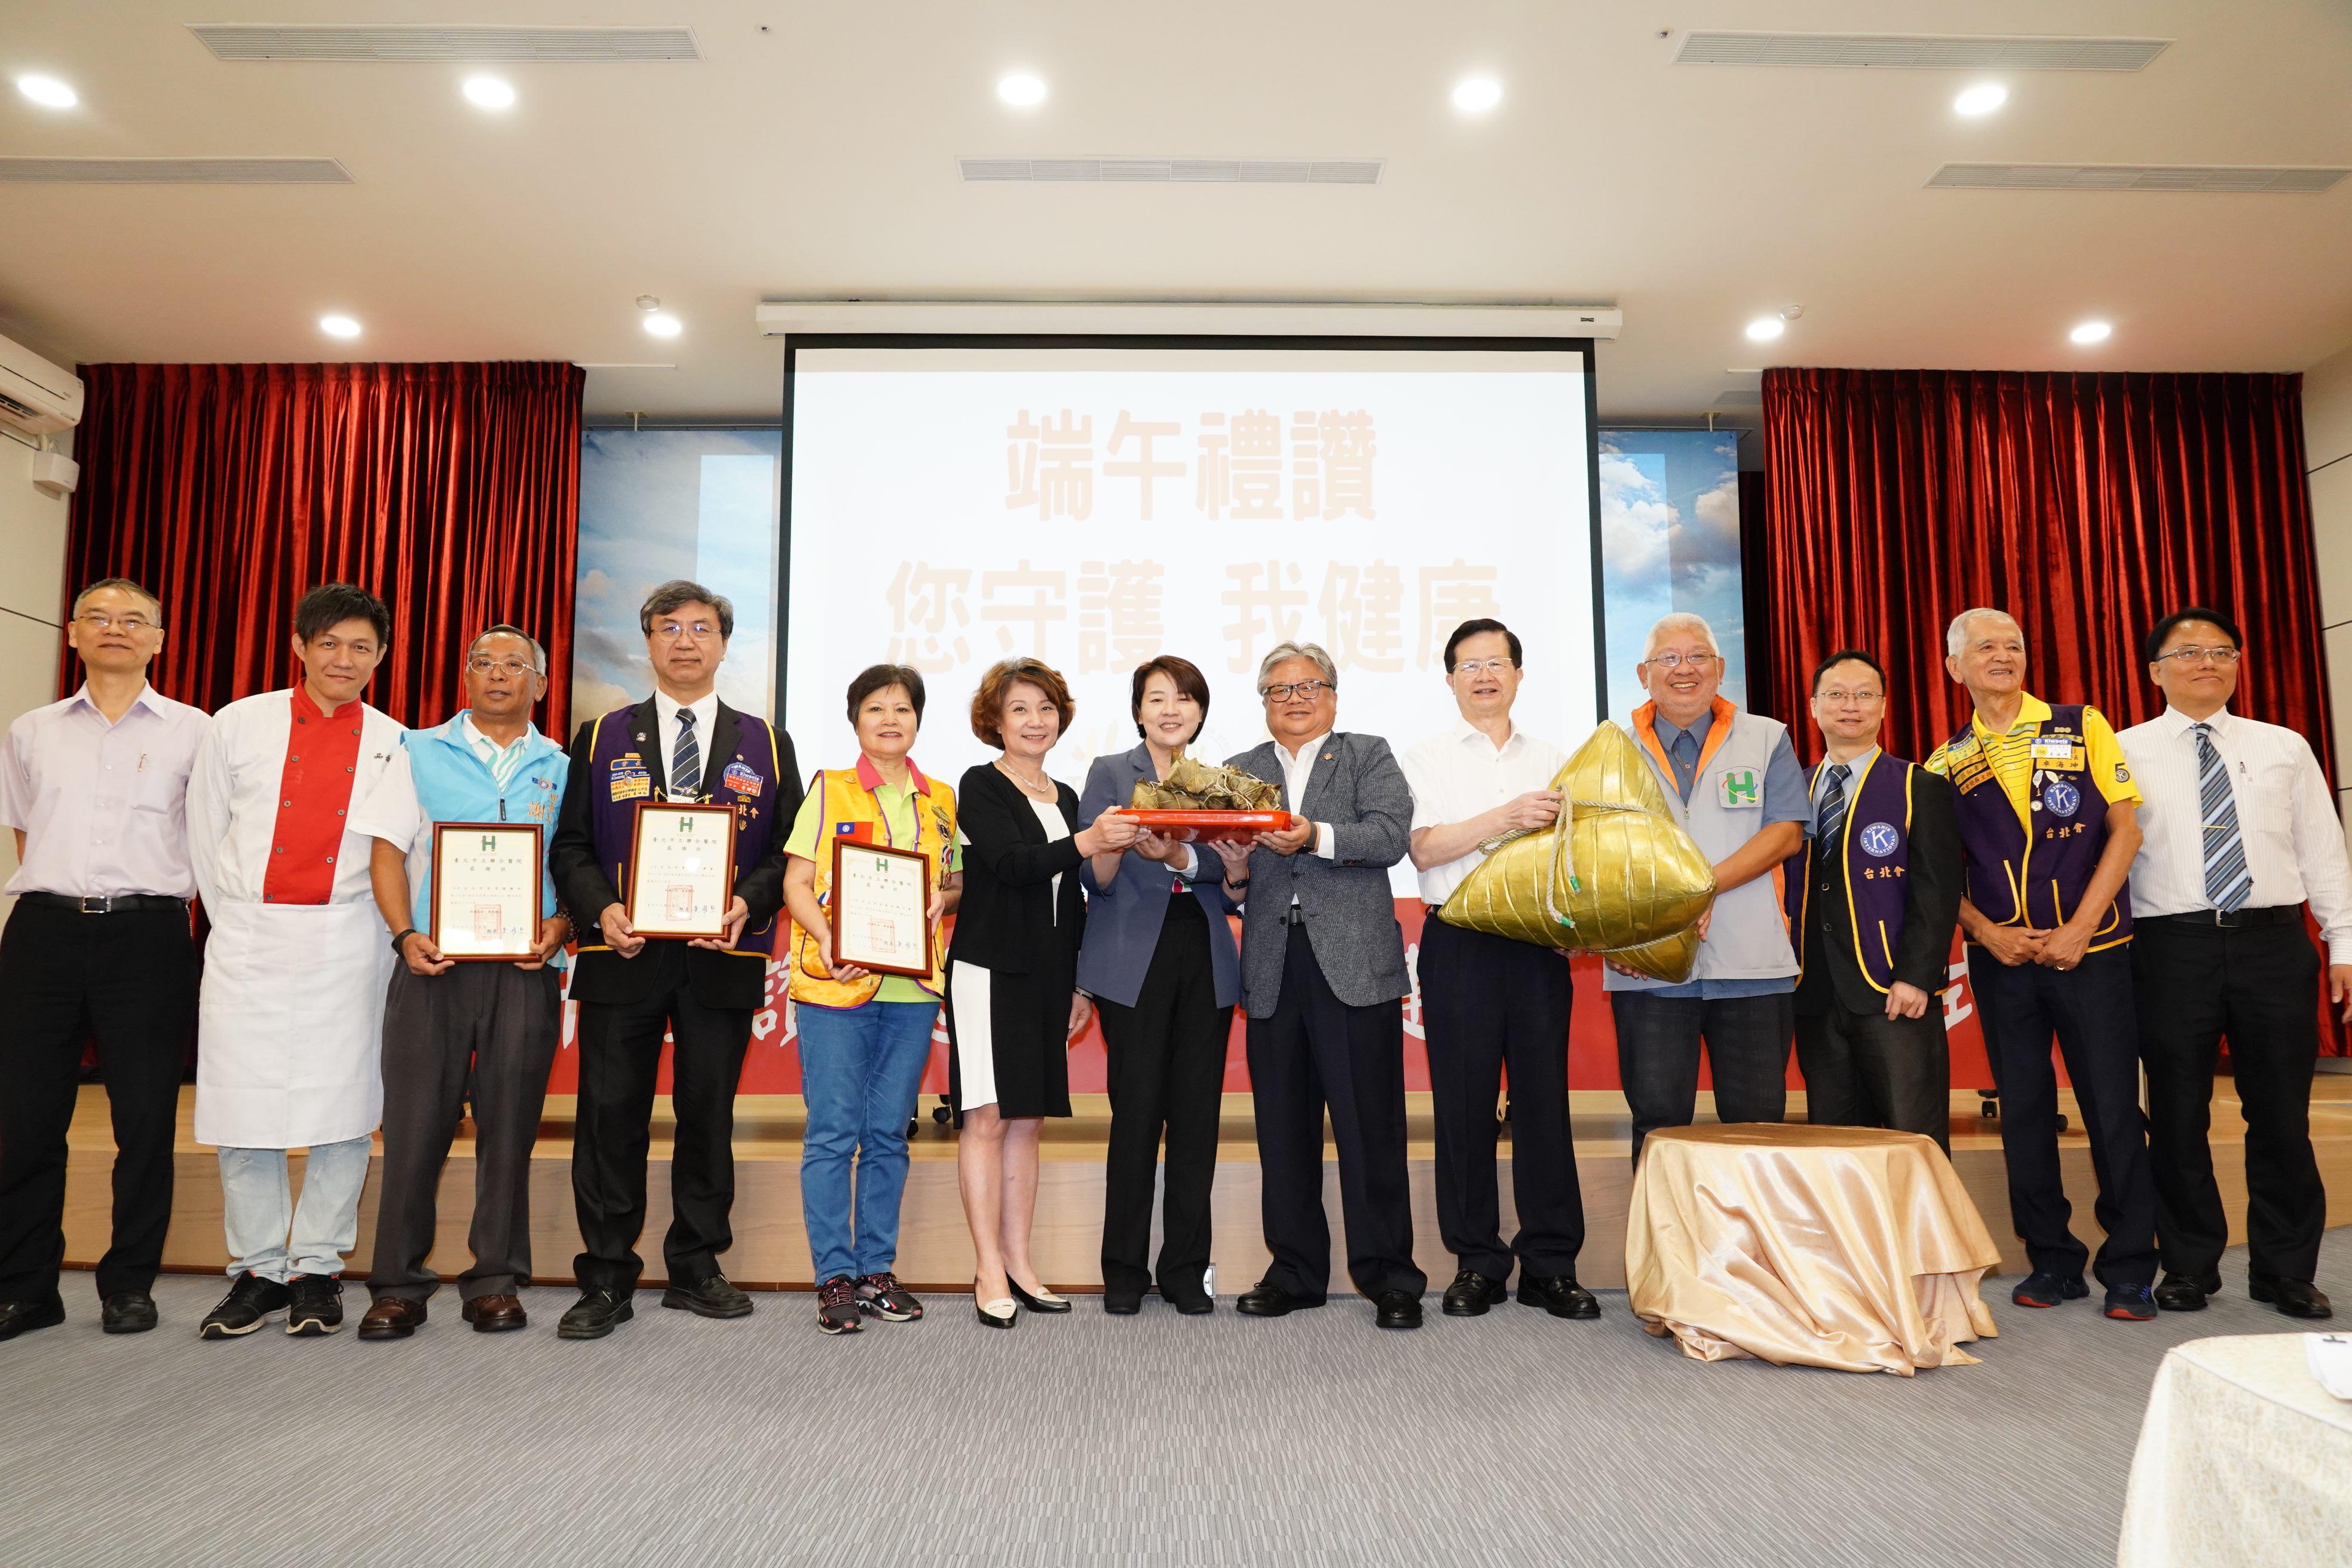 NGOs donating 4000 zongzi to Taipei City Hospital